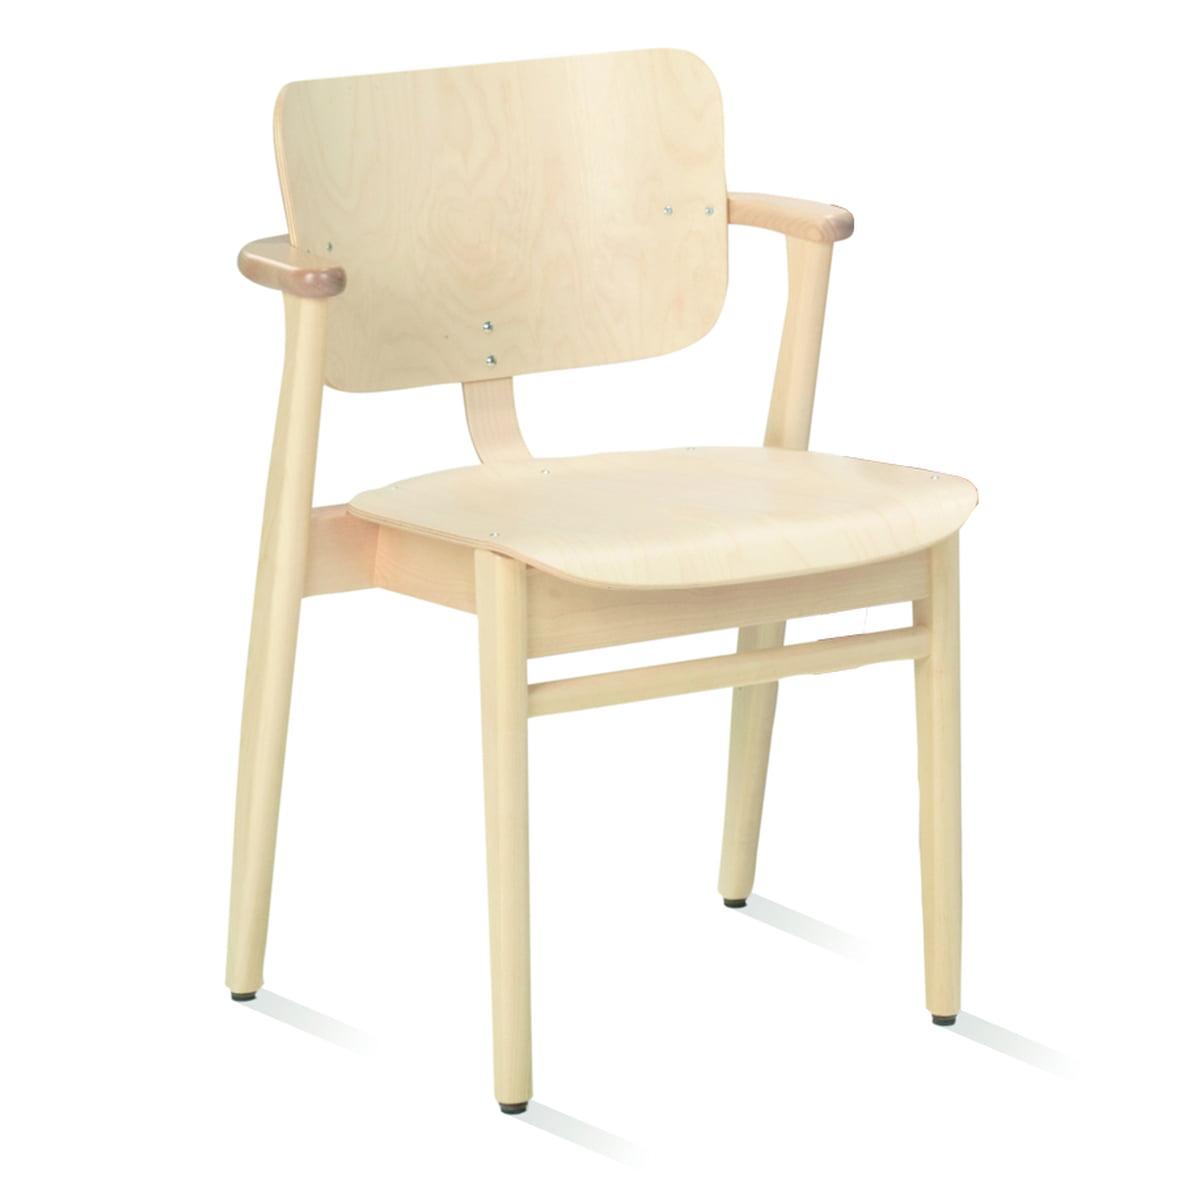 domus chair artek shop. Black Bedroom Furniture Sets. Home Design Ideas